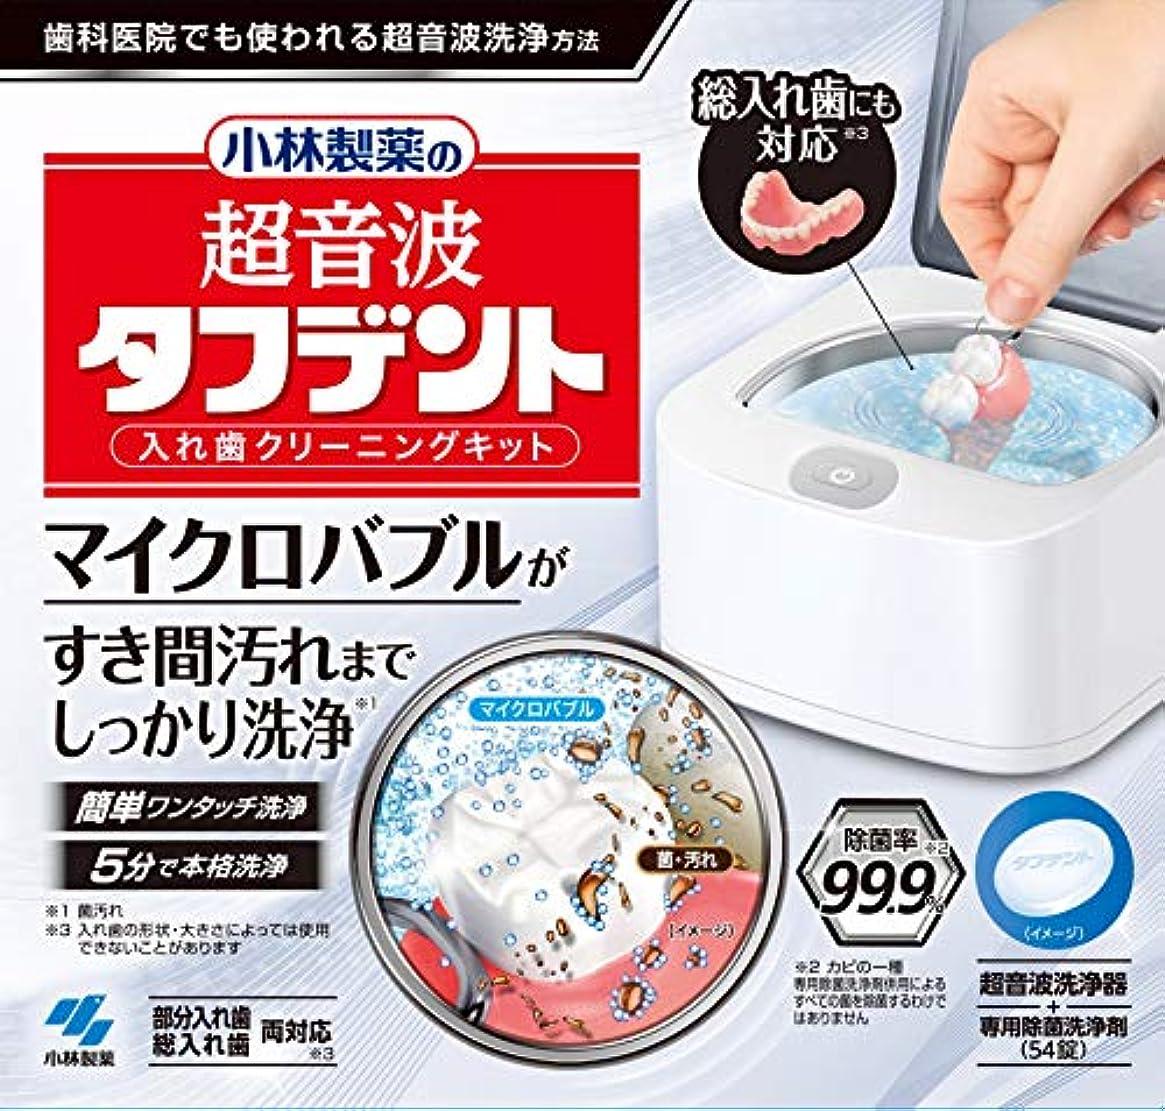 傑出した直面するオズワルド小林製薬 義歯洗浄剤 超音波タフデント入れ歯クリーニングキット(メガネクリーナー付)